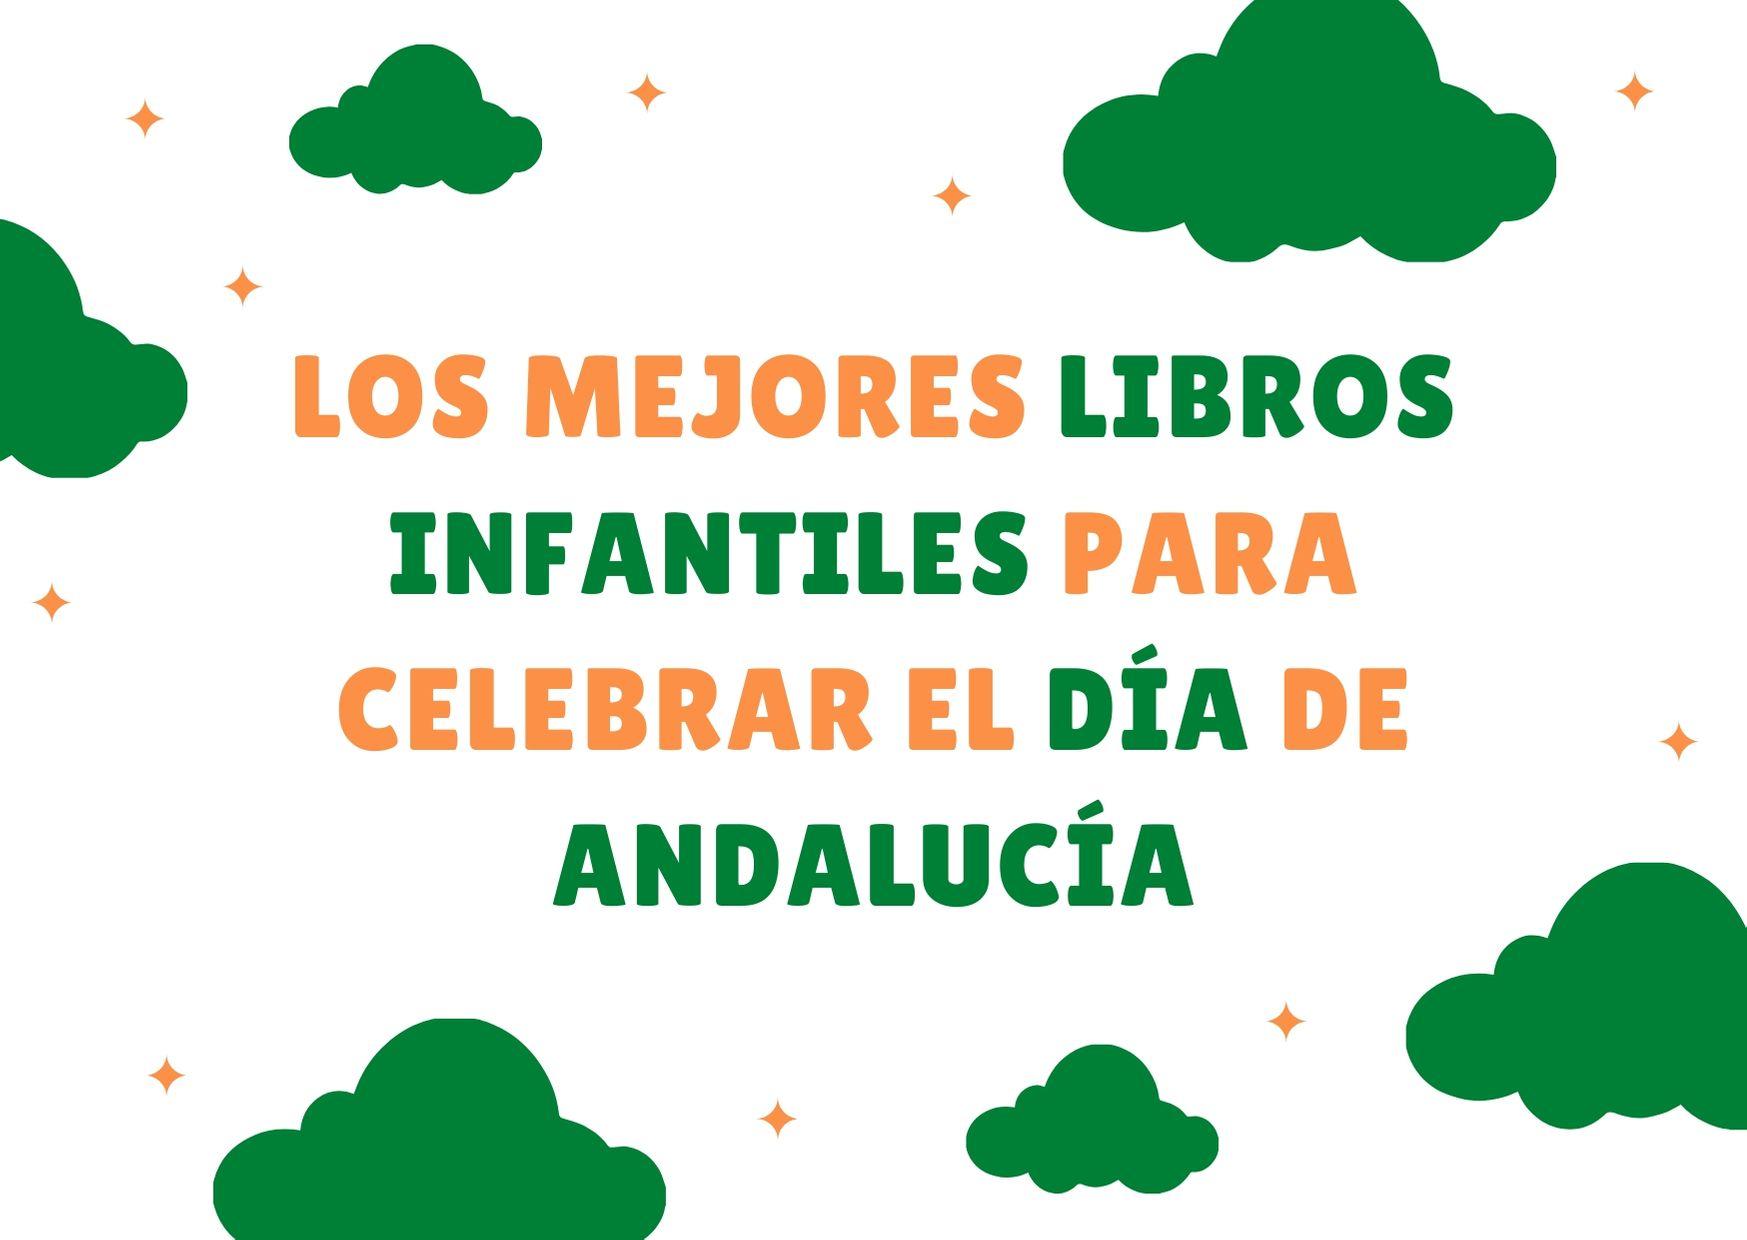 LIBROS INFANTILES ANDALUCIA